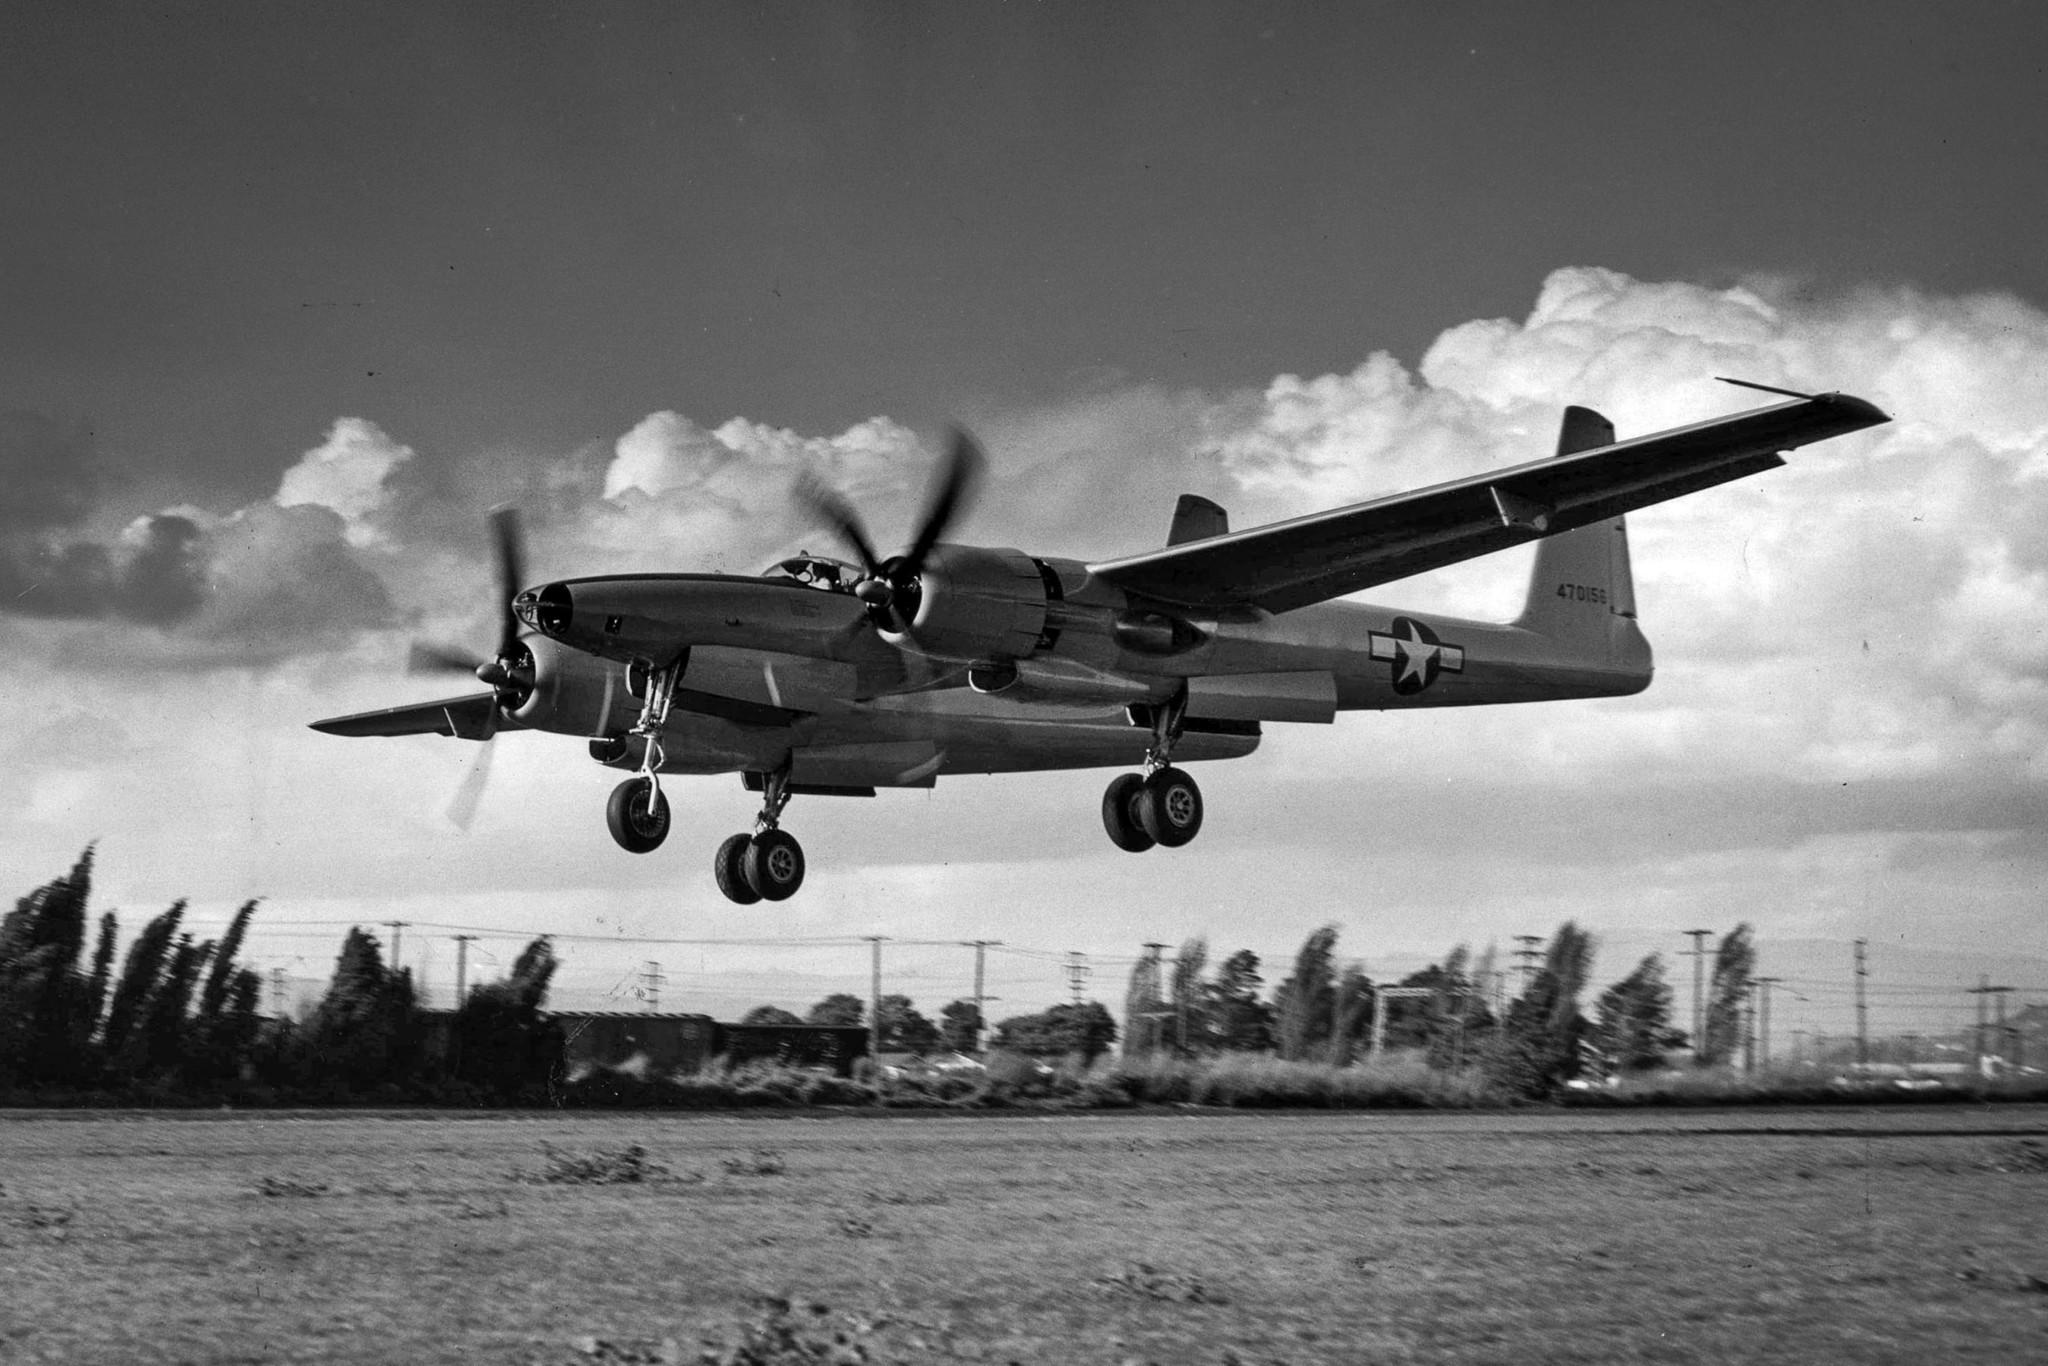 Second XF-11 prototype